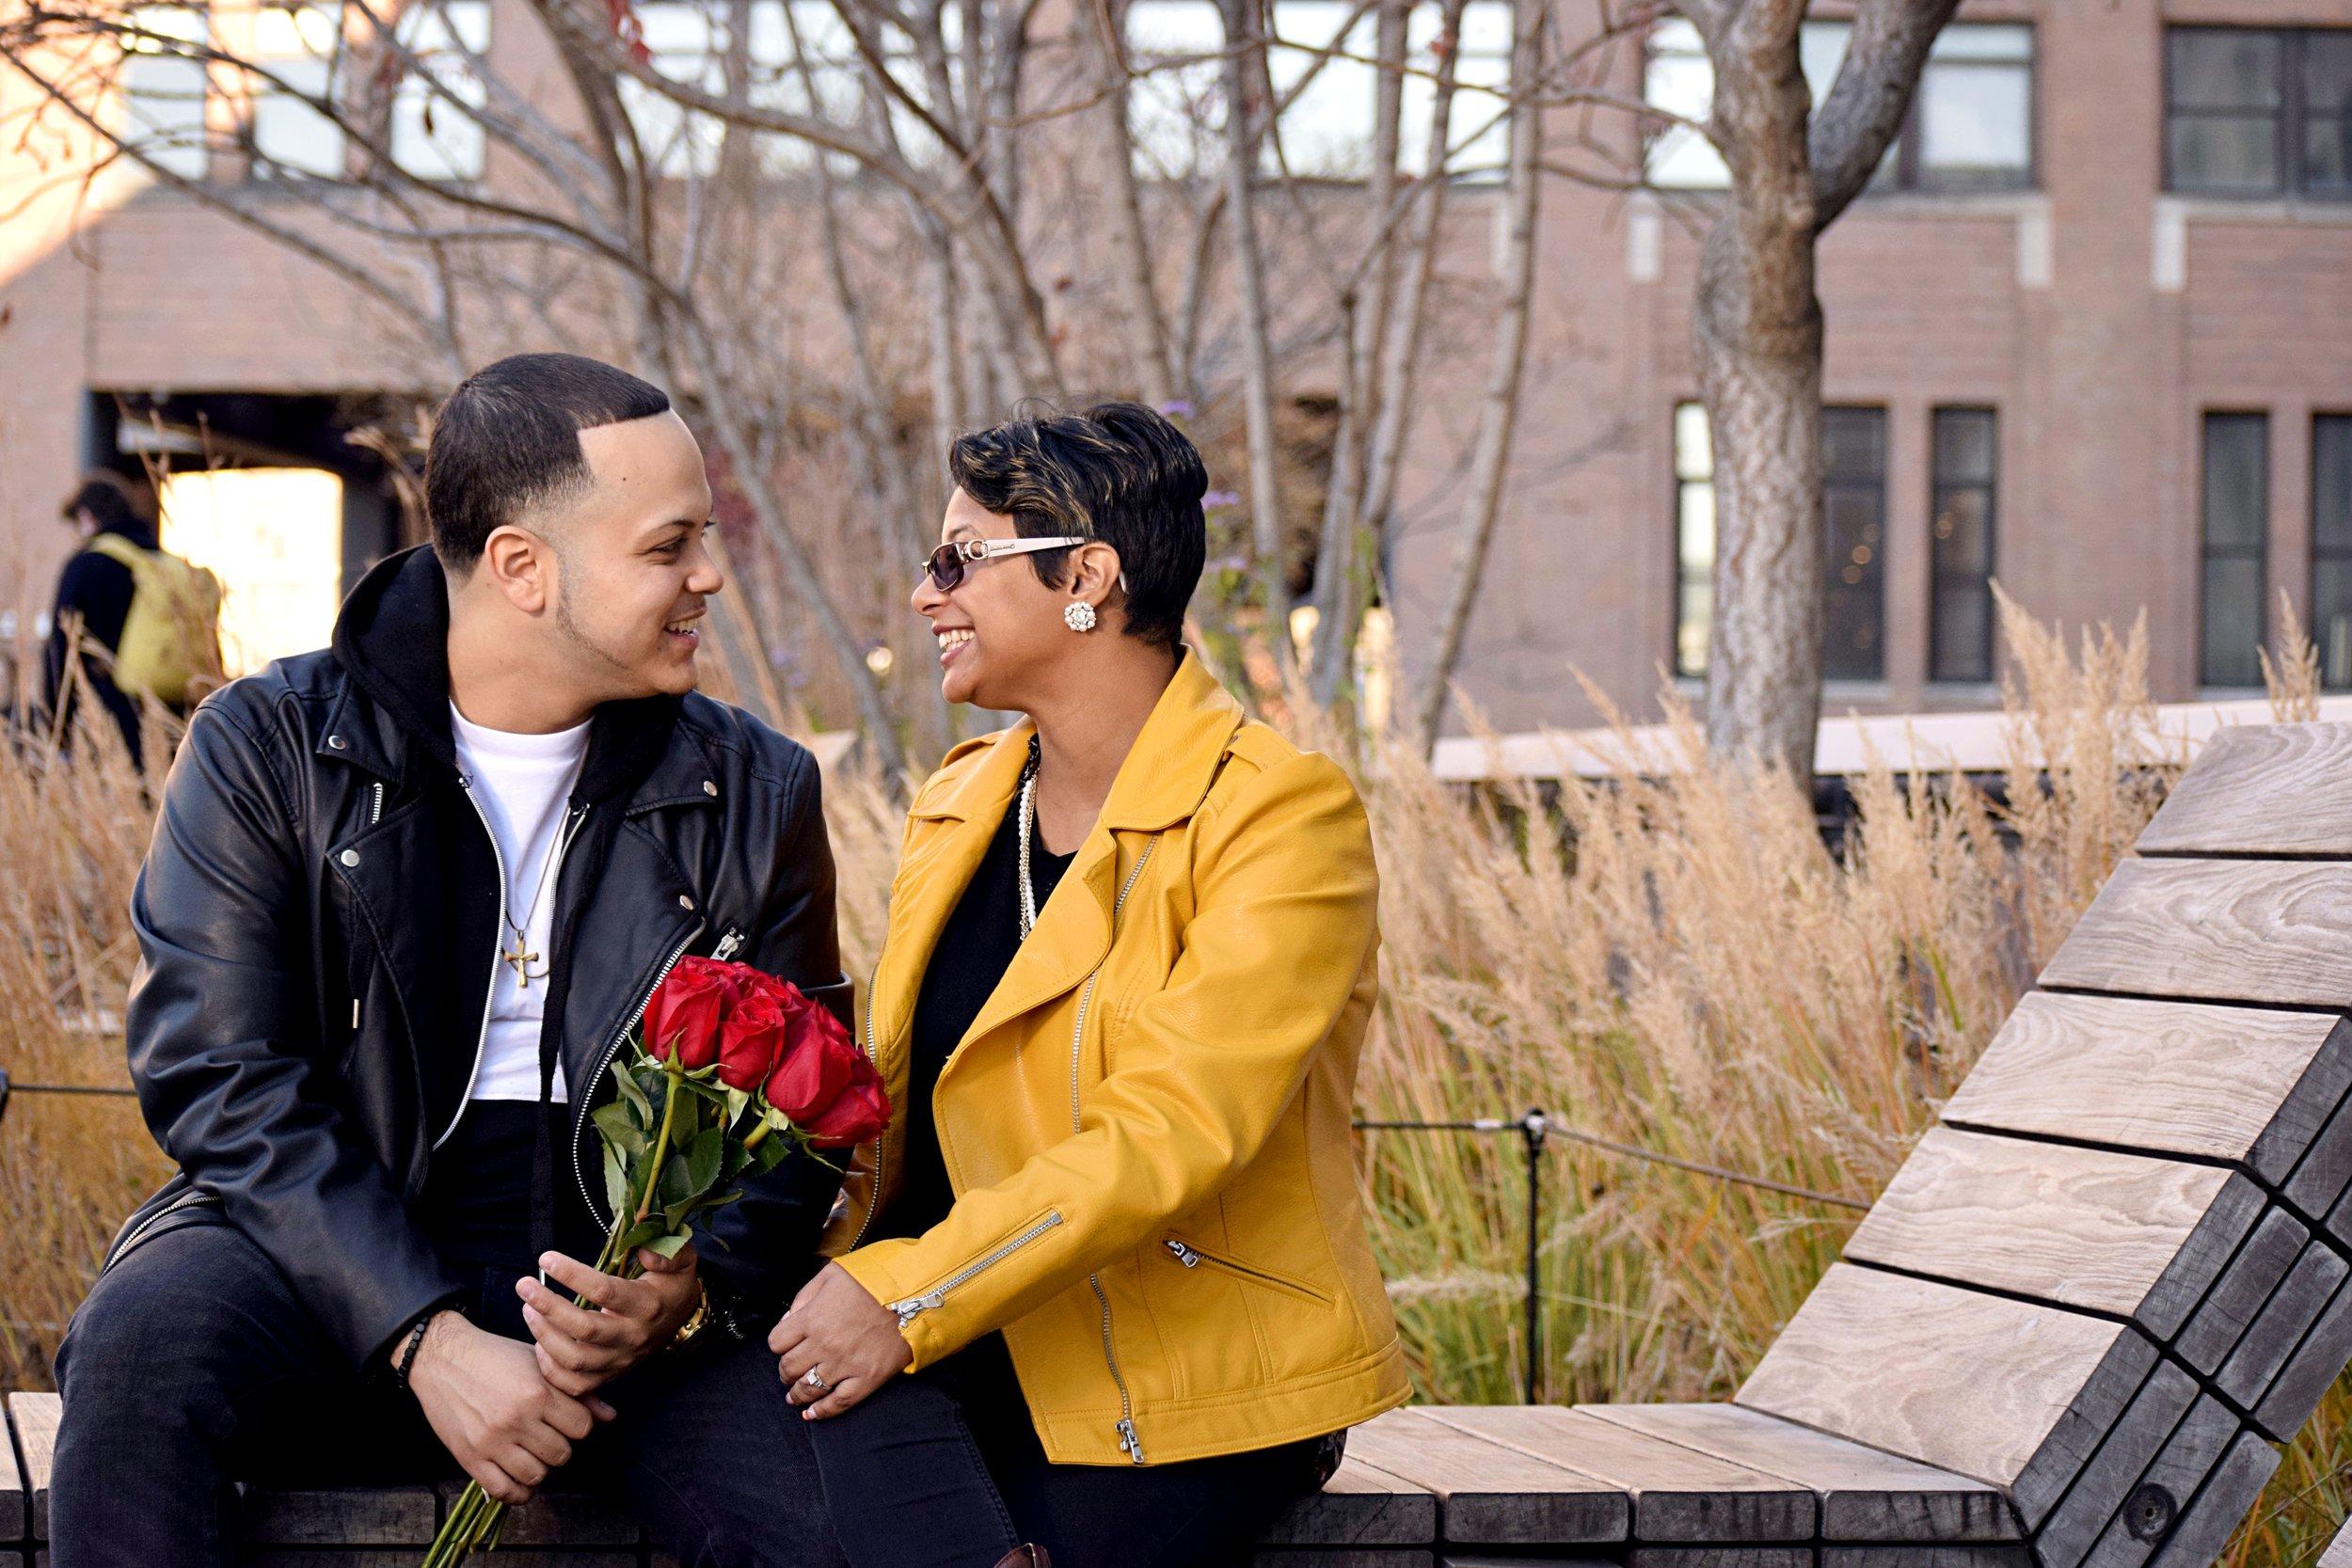 Brandon+Jannette at The Highline